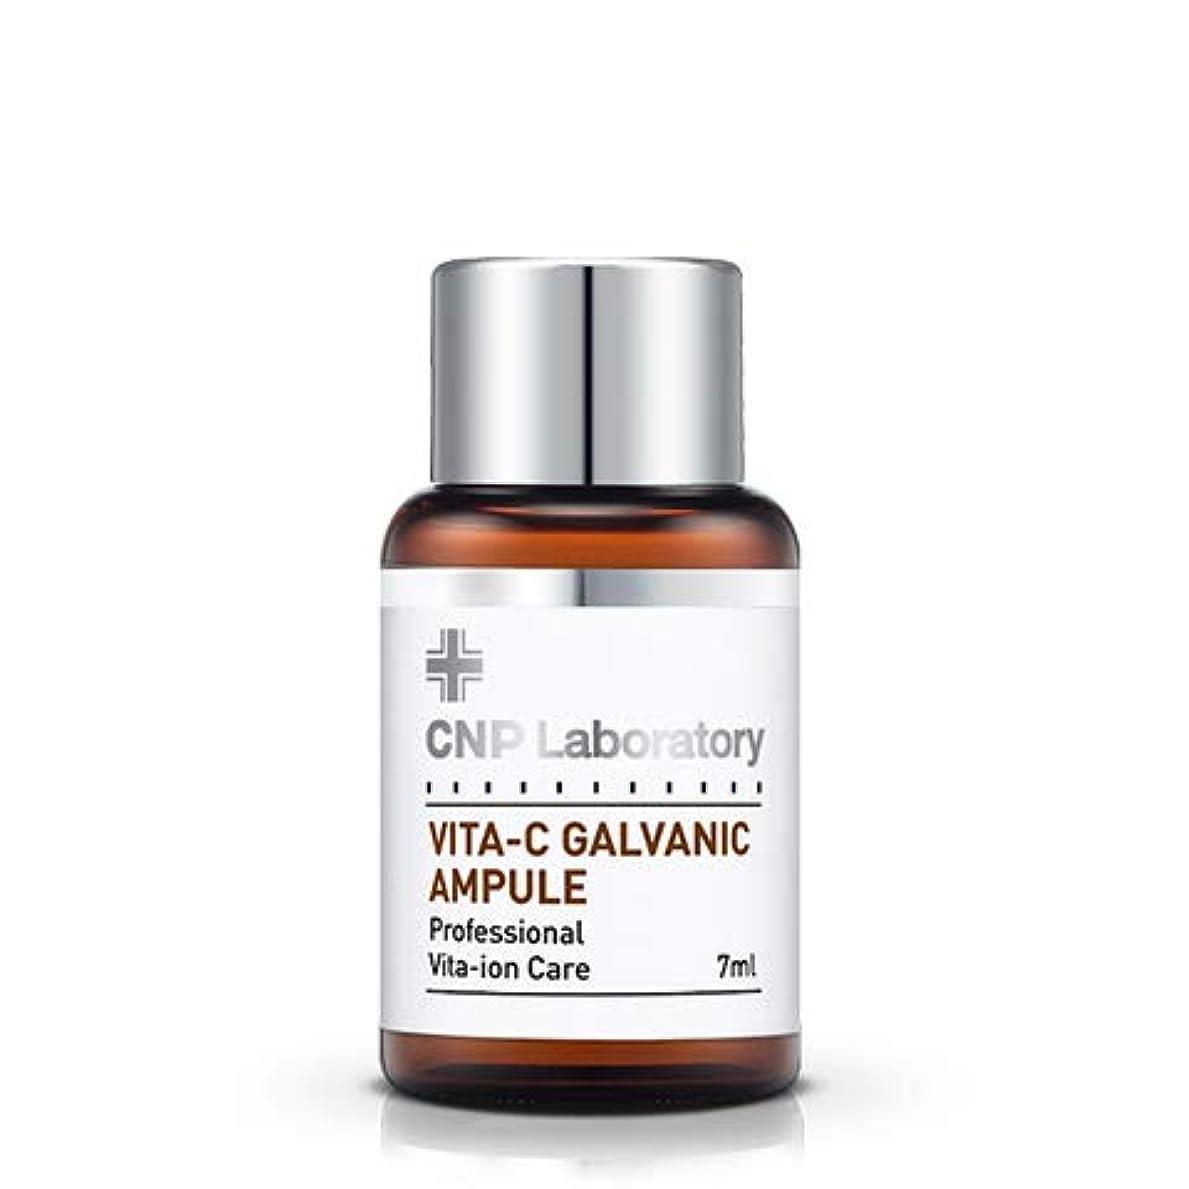 心臓スイ衣装CNP Laboratory Vita-Cガルバニックアンプル/Vita-C galvanic ampule 7ml [並行輸入品]